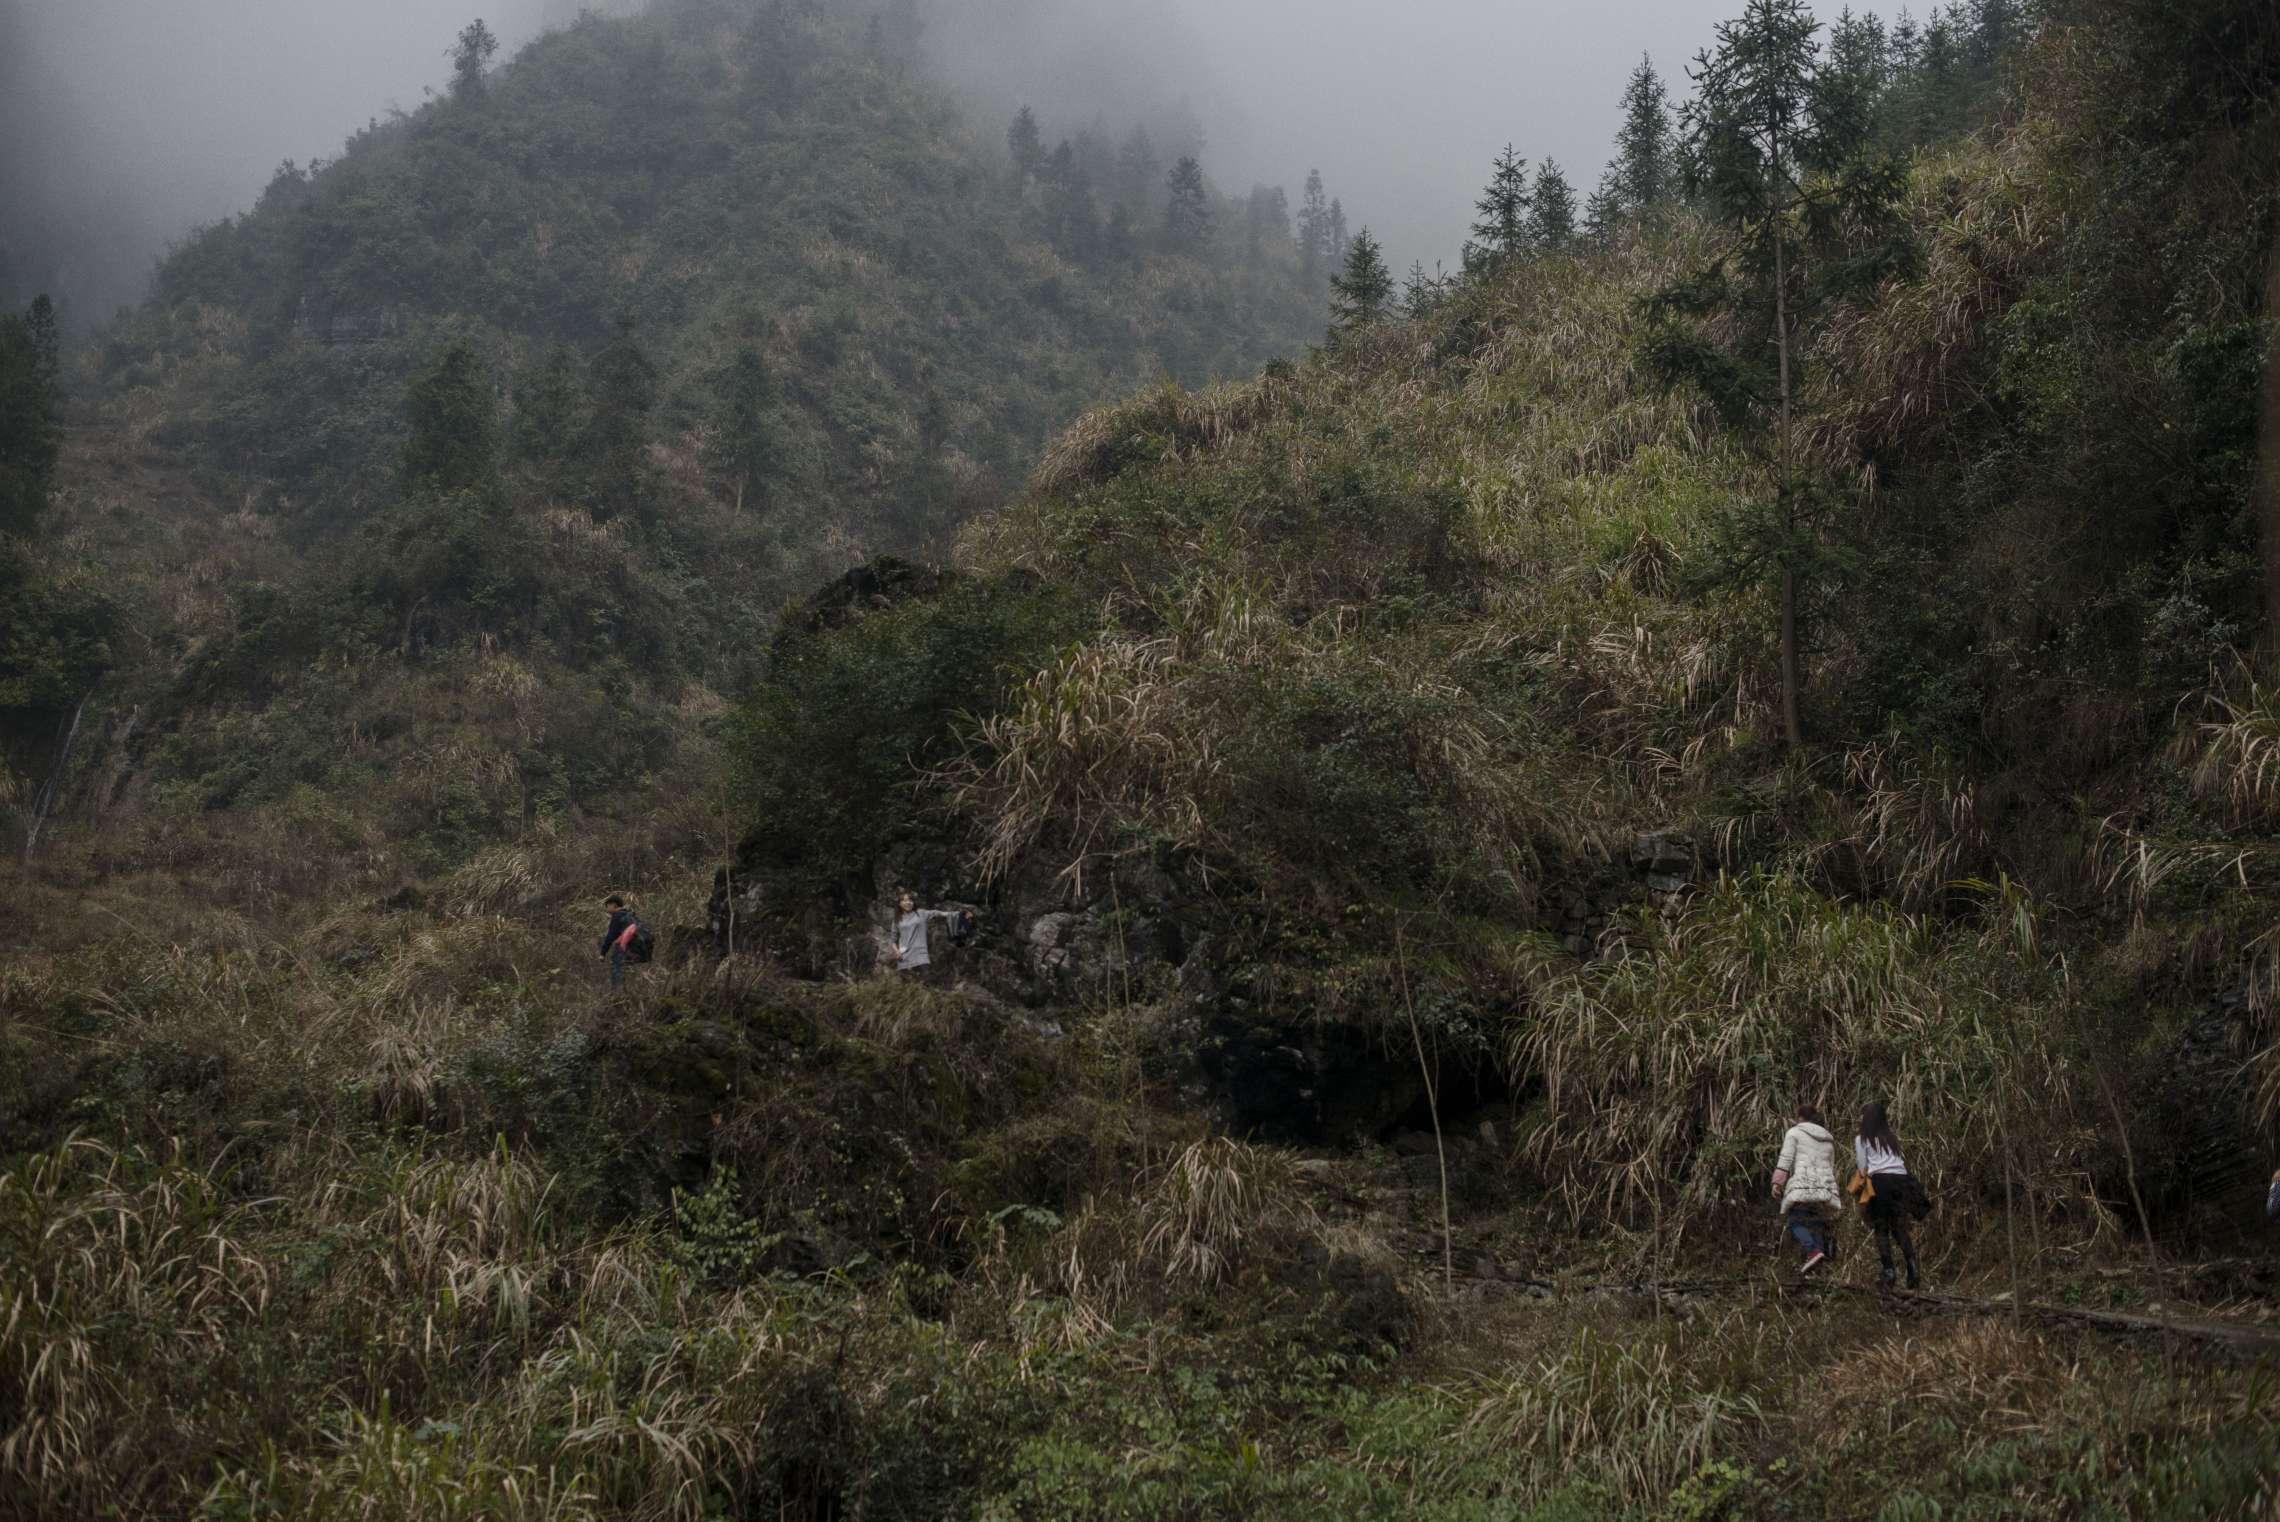 PK-nr: 10968Kategori: 8, dokumentar utlandDato: 24.02.2015Tittel: Hun reiser i morgenHovedtekst: Siden 1978 har Kina opplevd den største folkevandringen i verdenshistorien. Nærmere 160 millioner kinesere har reist fra lutfattige landsbyer for å finne arbeid i byene. I fjellandsbyen Hangsha i Hunan provinsen, står Rong Shi Yu (14) på klippen sammen med barndomsvenninnene sine, hånd i hånd på høye hæler, mens de blåser rosa bobler. De synger om gutter de ennå ikke vet hvem er, som skal gjøre dem lykkelige, og kanskje velstående. De synger om å høre til her i Lu Dong-fjellene, men i morgen pakker de trillekoffertene, reiser fra alt de kjenner, mot kysten og storbyene. Der venter Kinas mest effektive fabrikker med ti kroner i timen, ti timer hver dag. Men der venter også mulighetene for økonomisk uavhengighet. Bildetekst: Som en del av nyttårsfeiringen, går venninnegjengen opp til fjellet Lu Dong, som er hellig for Miao-minoriteten. Det er 1200 meter over havet, og toppene er alltid tåkelagte.